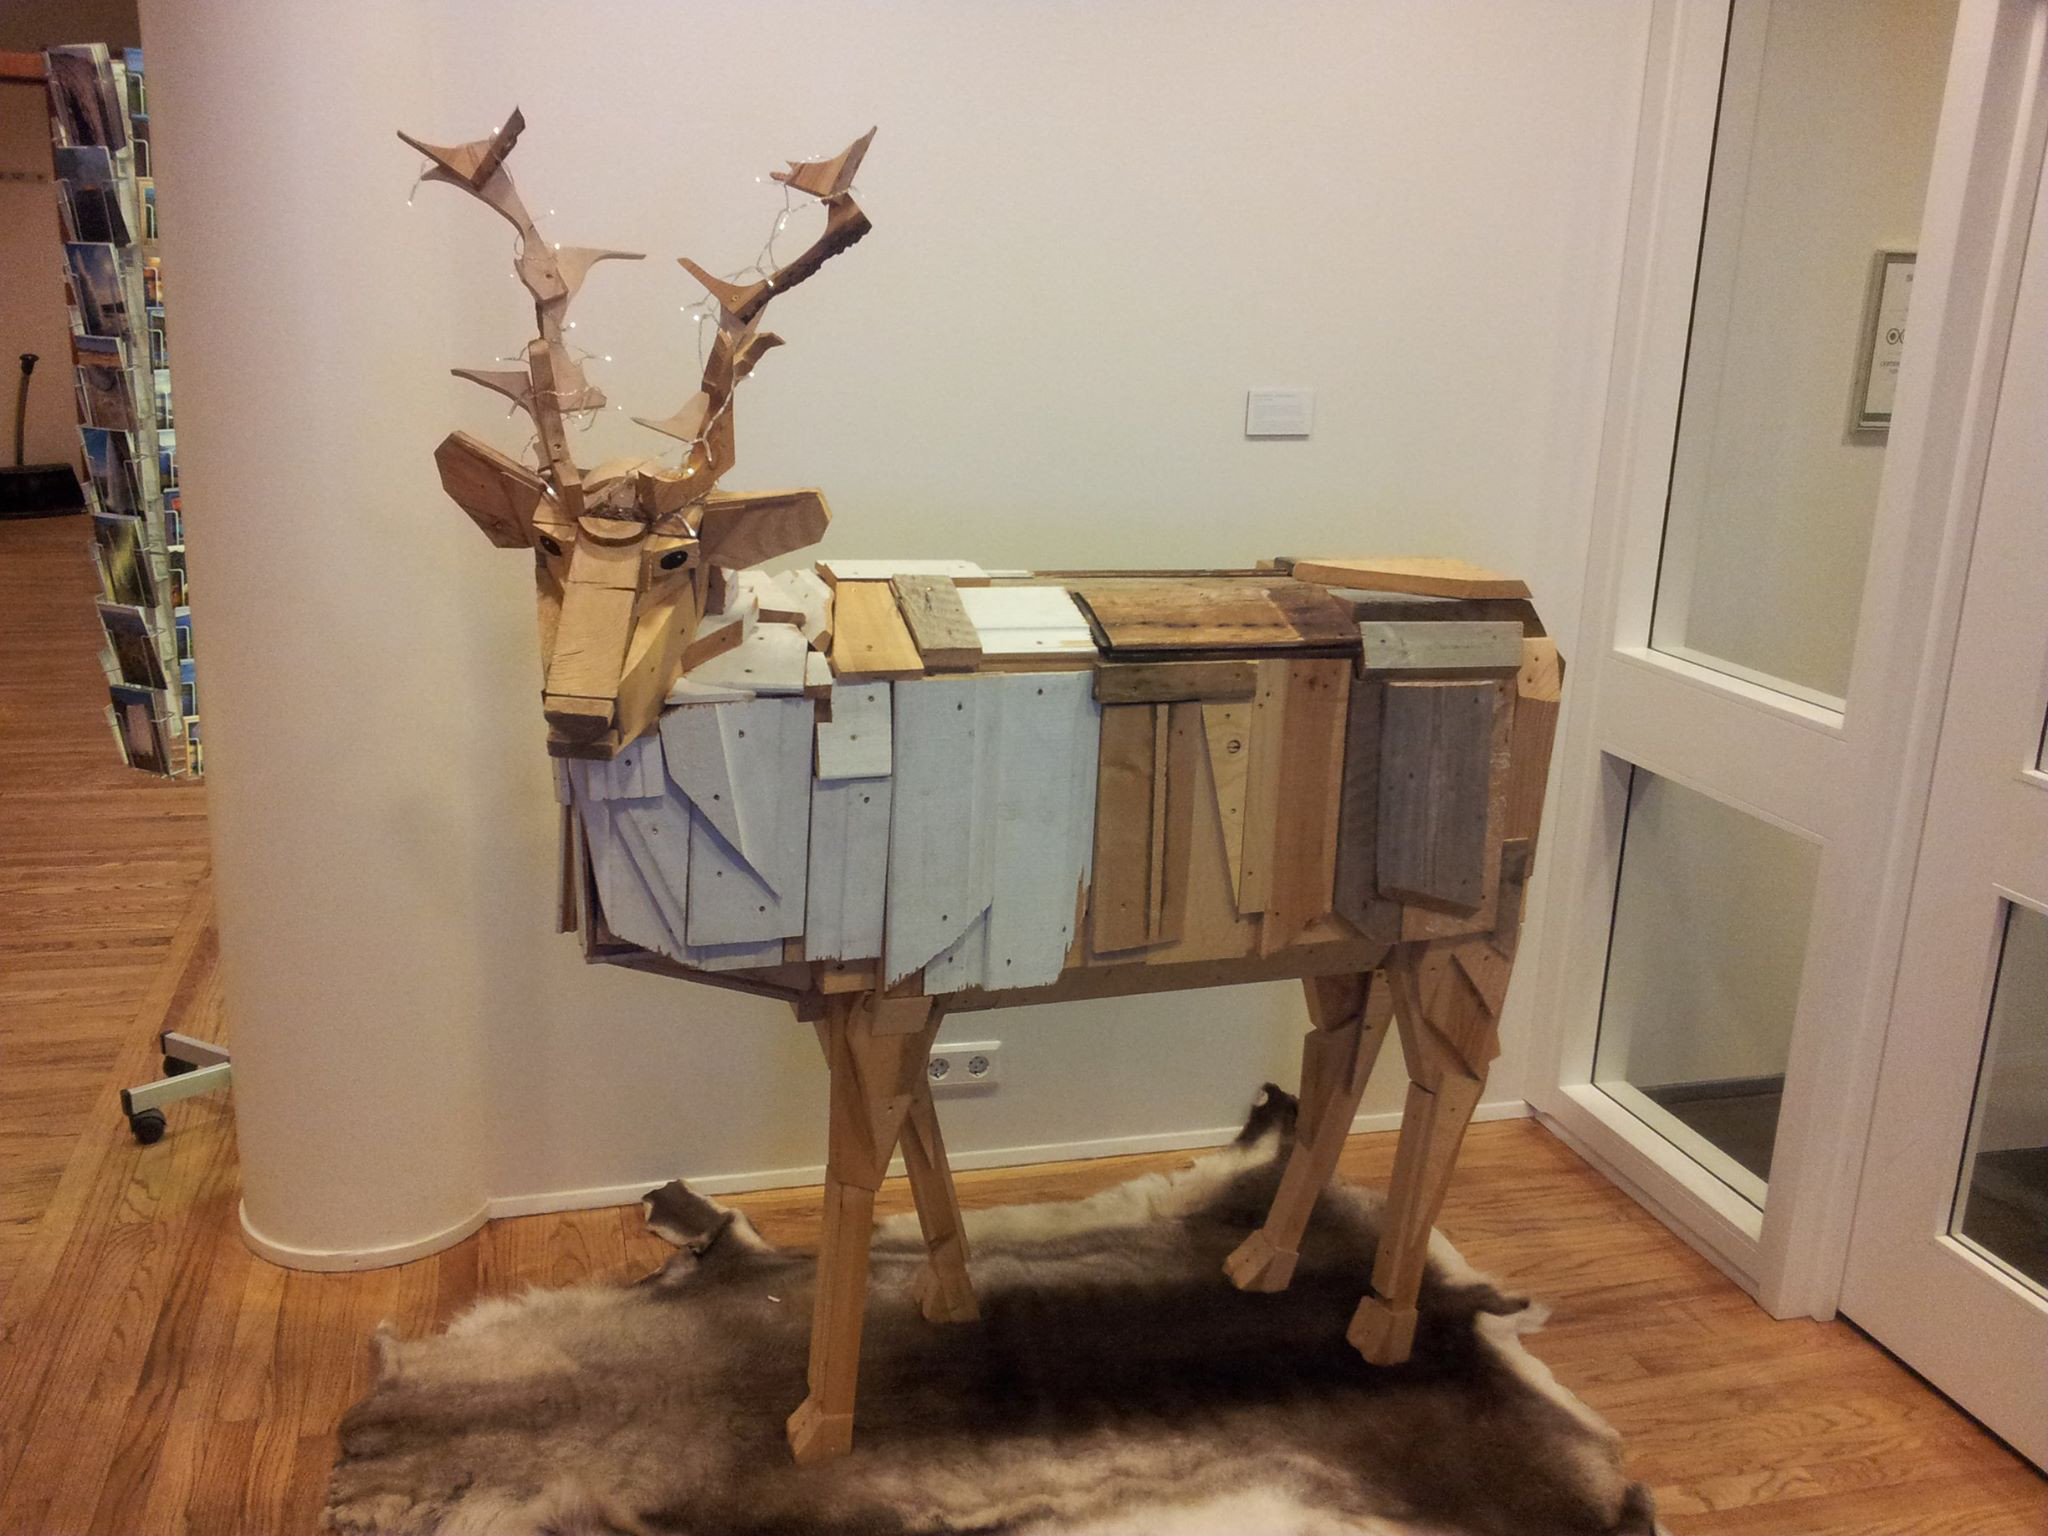 3 wooden reindeer iceland